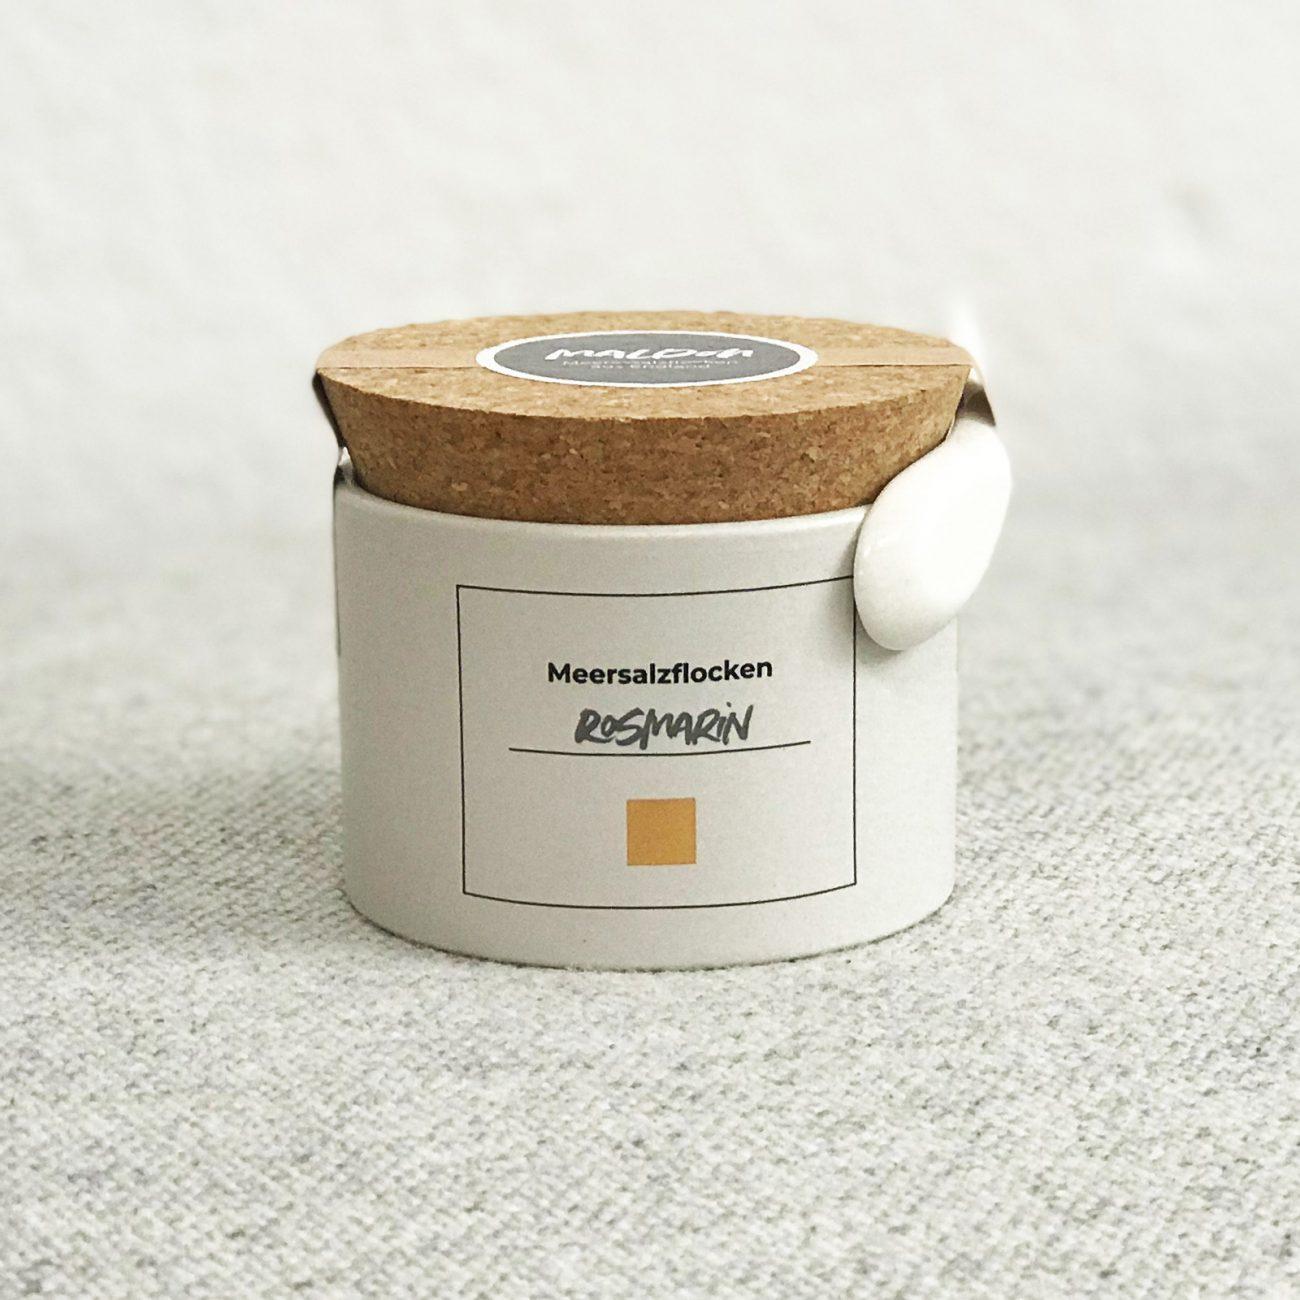 schneller-immobilien-branding-image-giveaway-salz-keramik